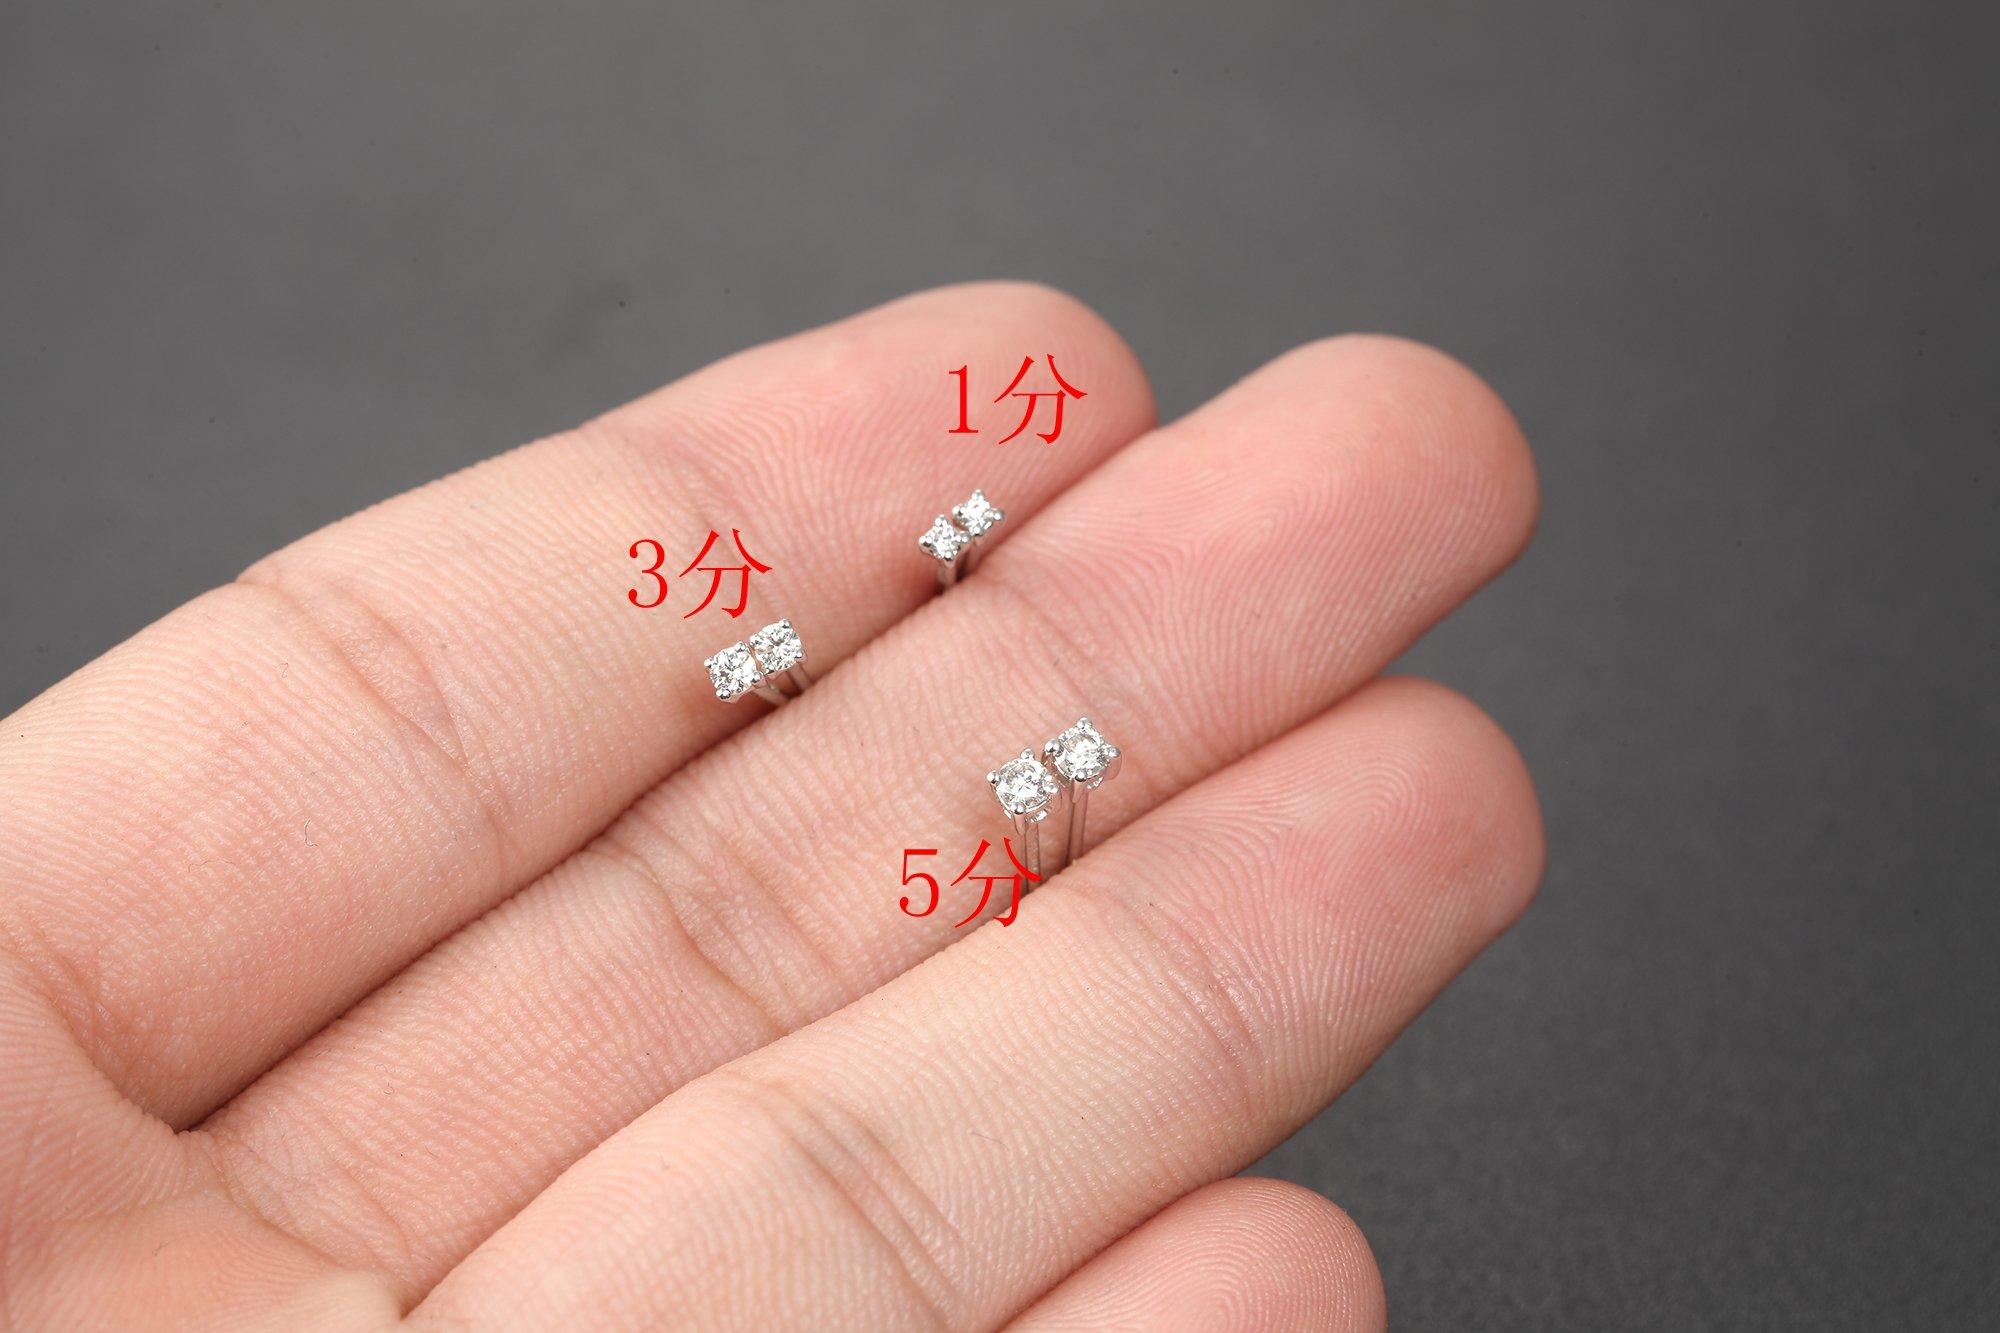 铂金PT950钻石耳钉单只白金单钻耳骨耳环明星时尚款情侣定制